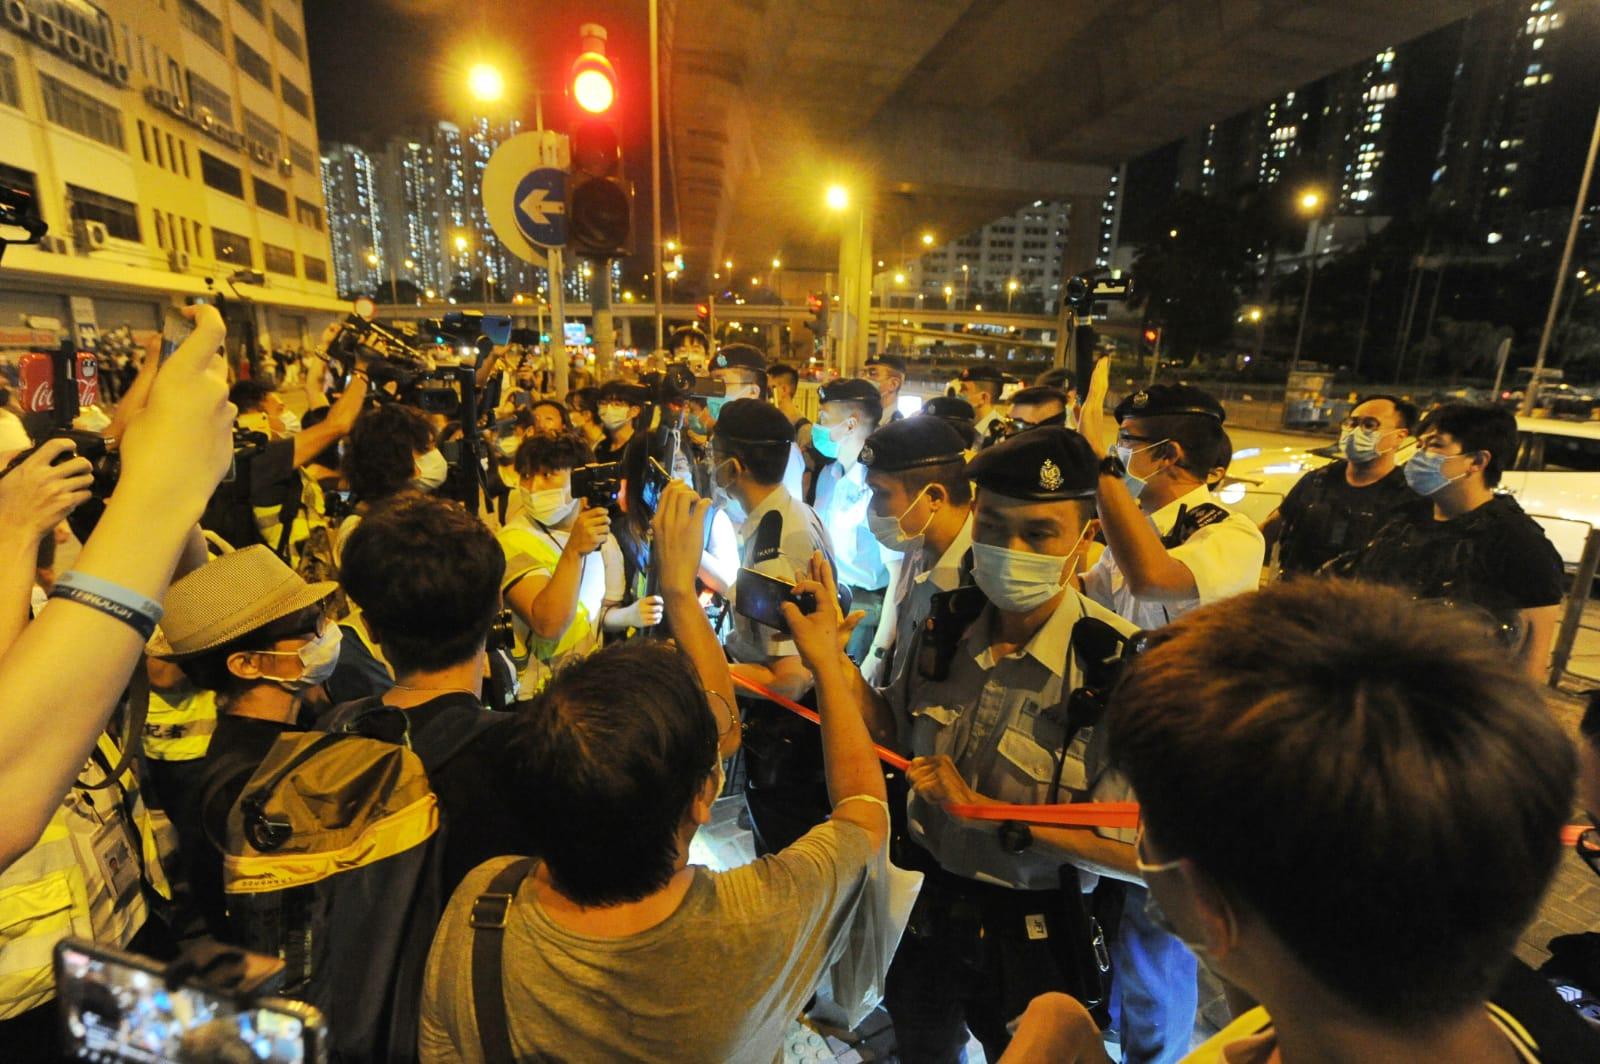 警方與民眾雙方形成對峙局面。(宋碧龍/大紀元)